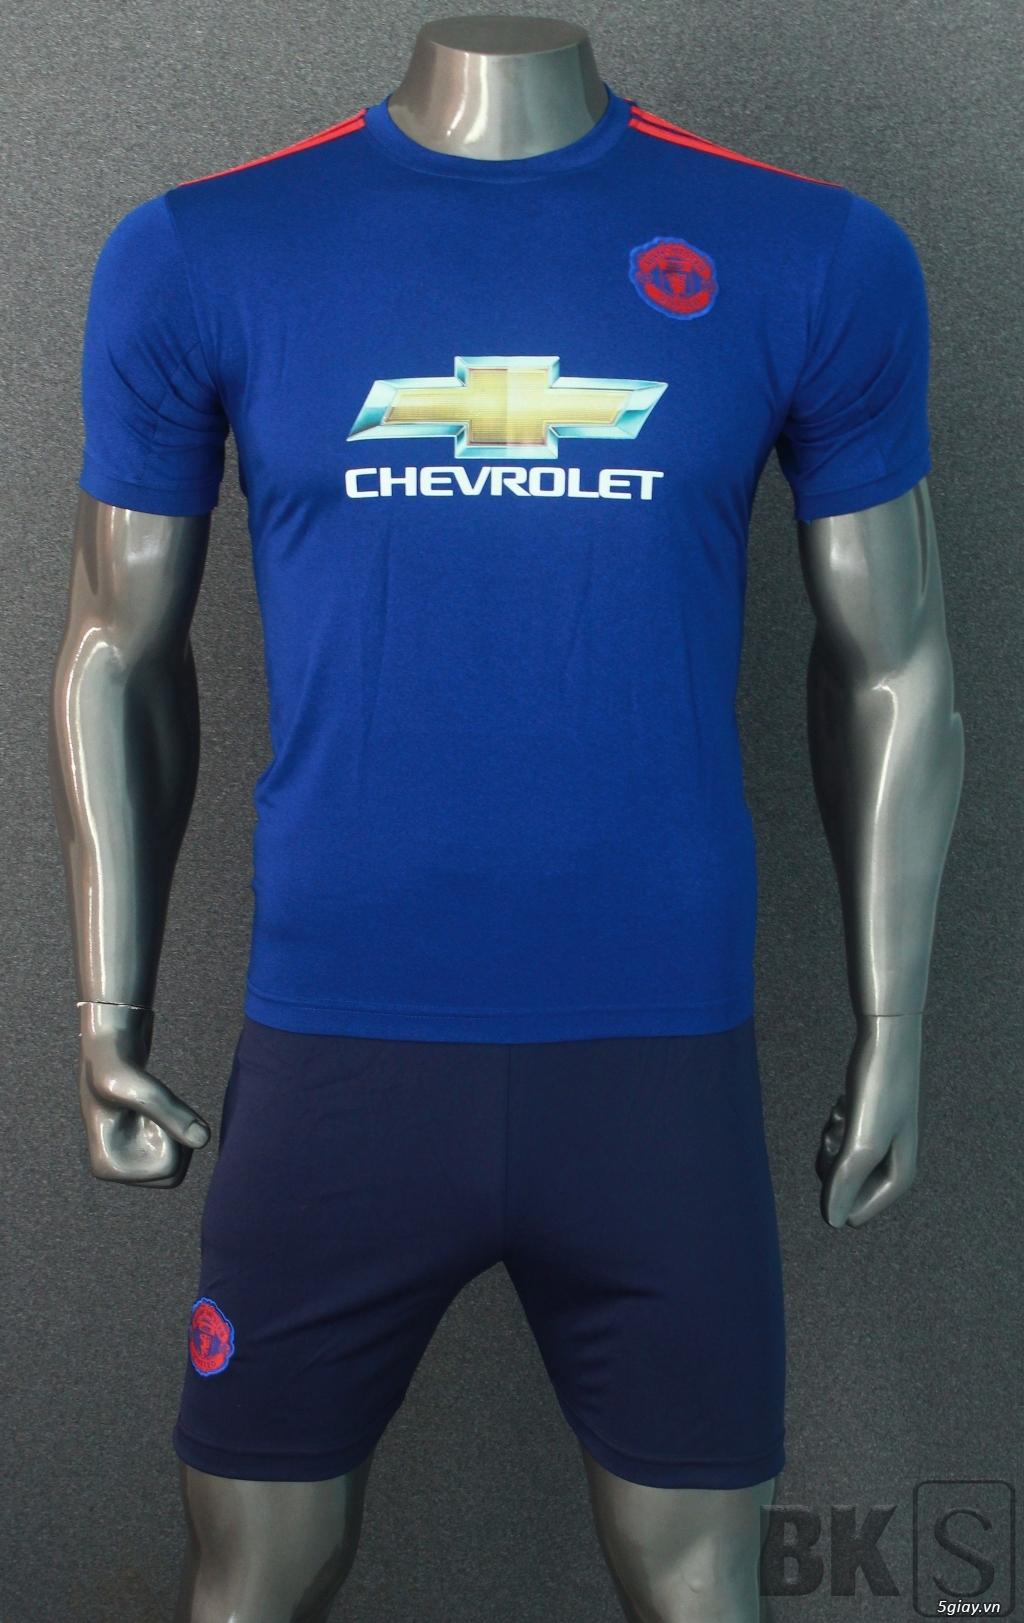 Áo bóng đá HP-địa chỉ gốc sản xuất trang phục thể thao số 1 Việt Nam - 7